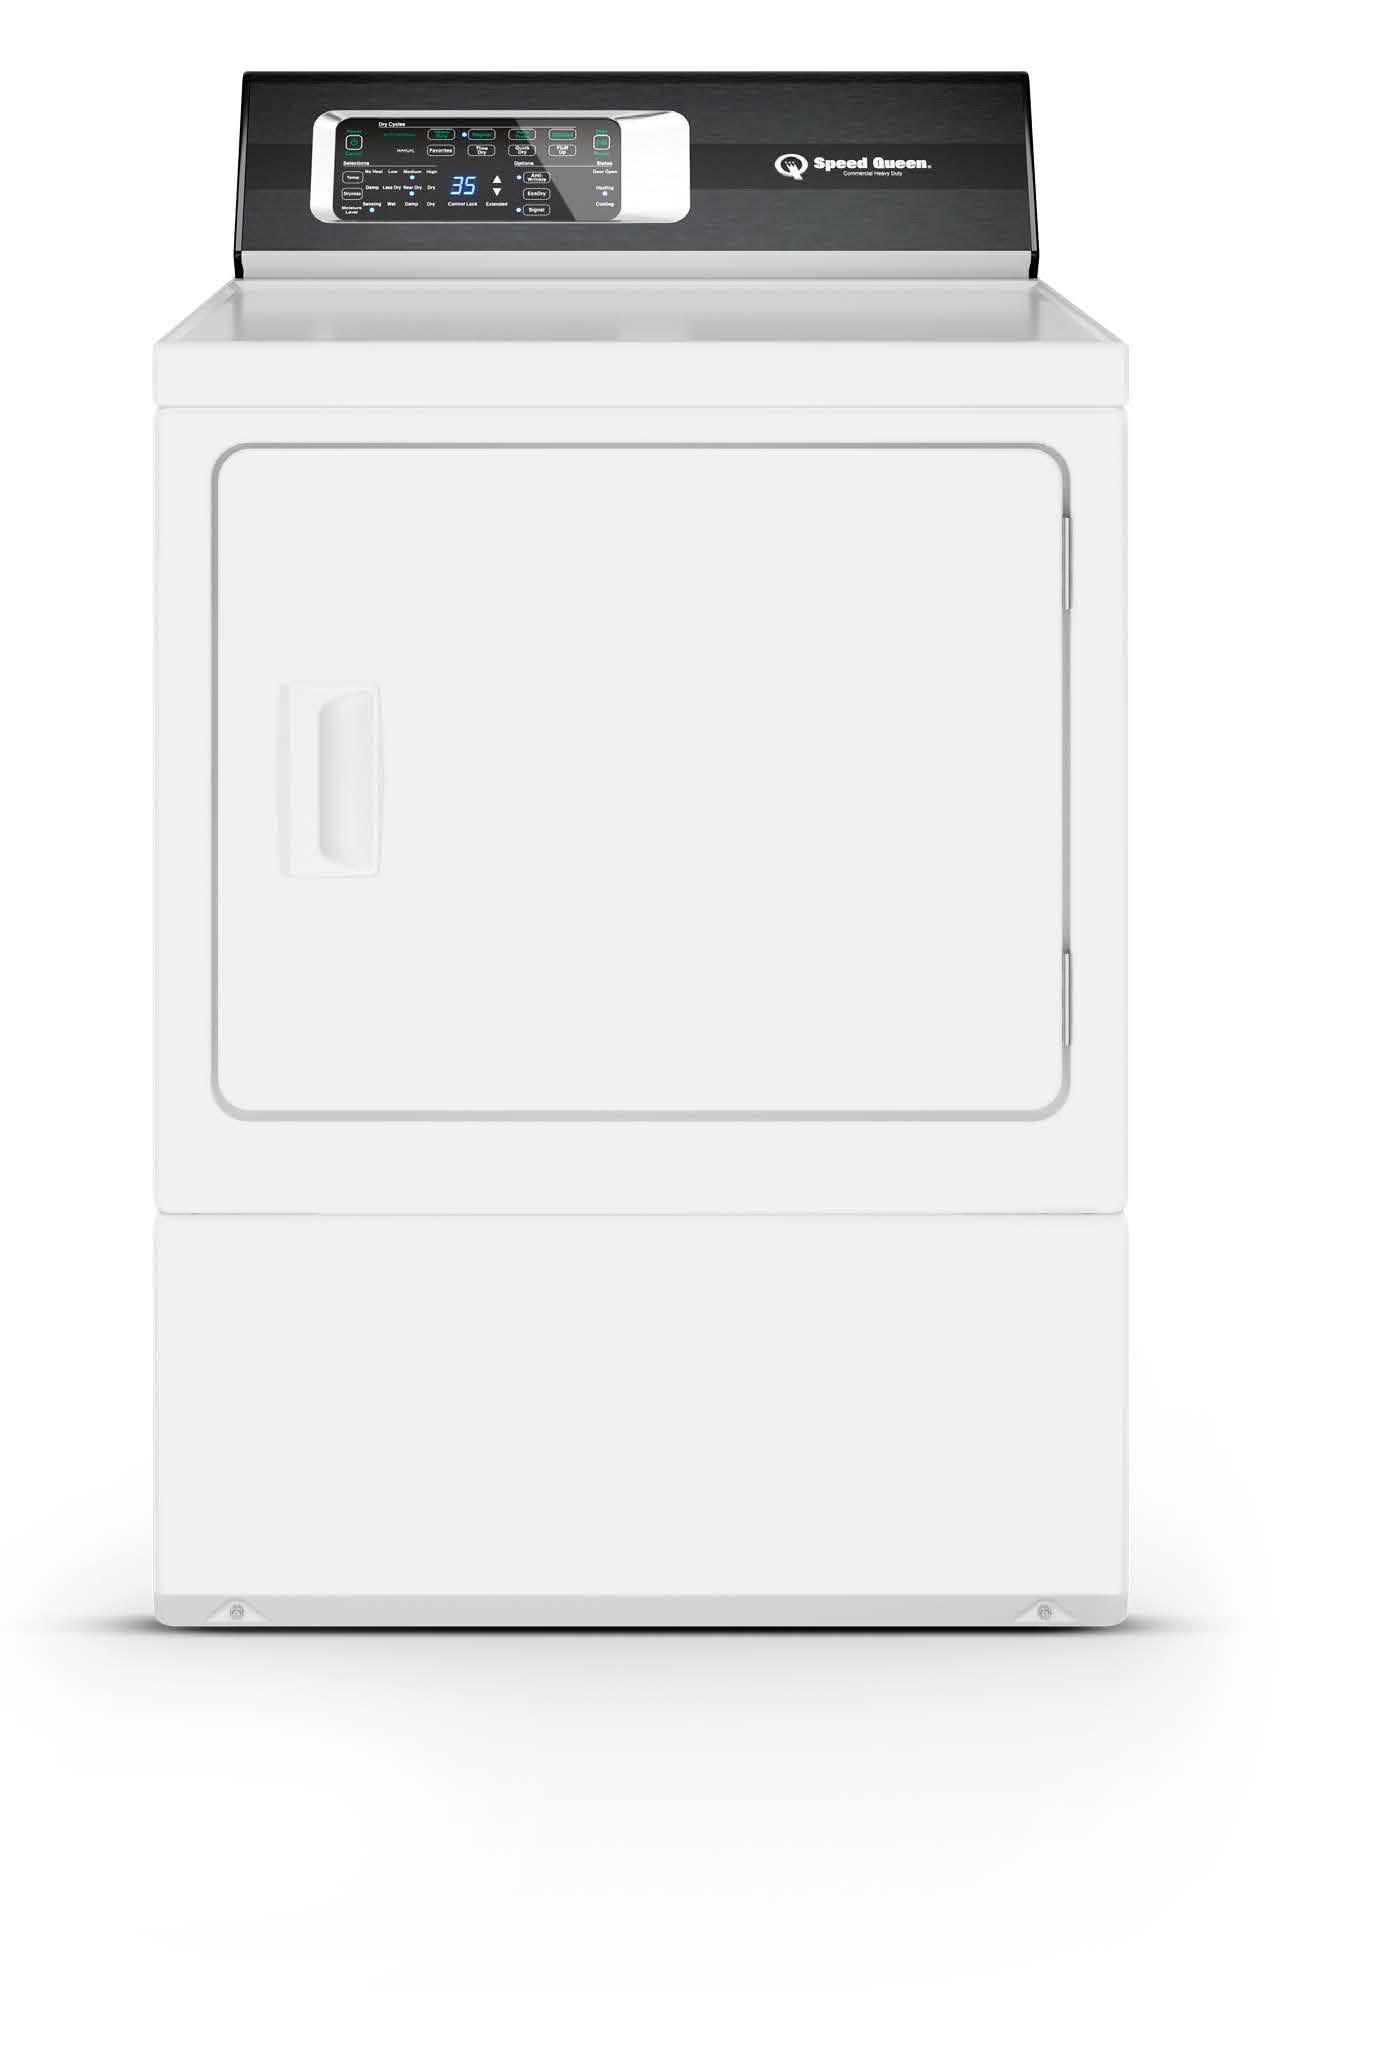 ADGE9RGS305XW01 Dryer